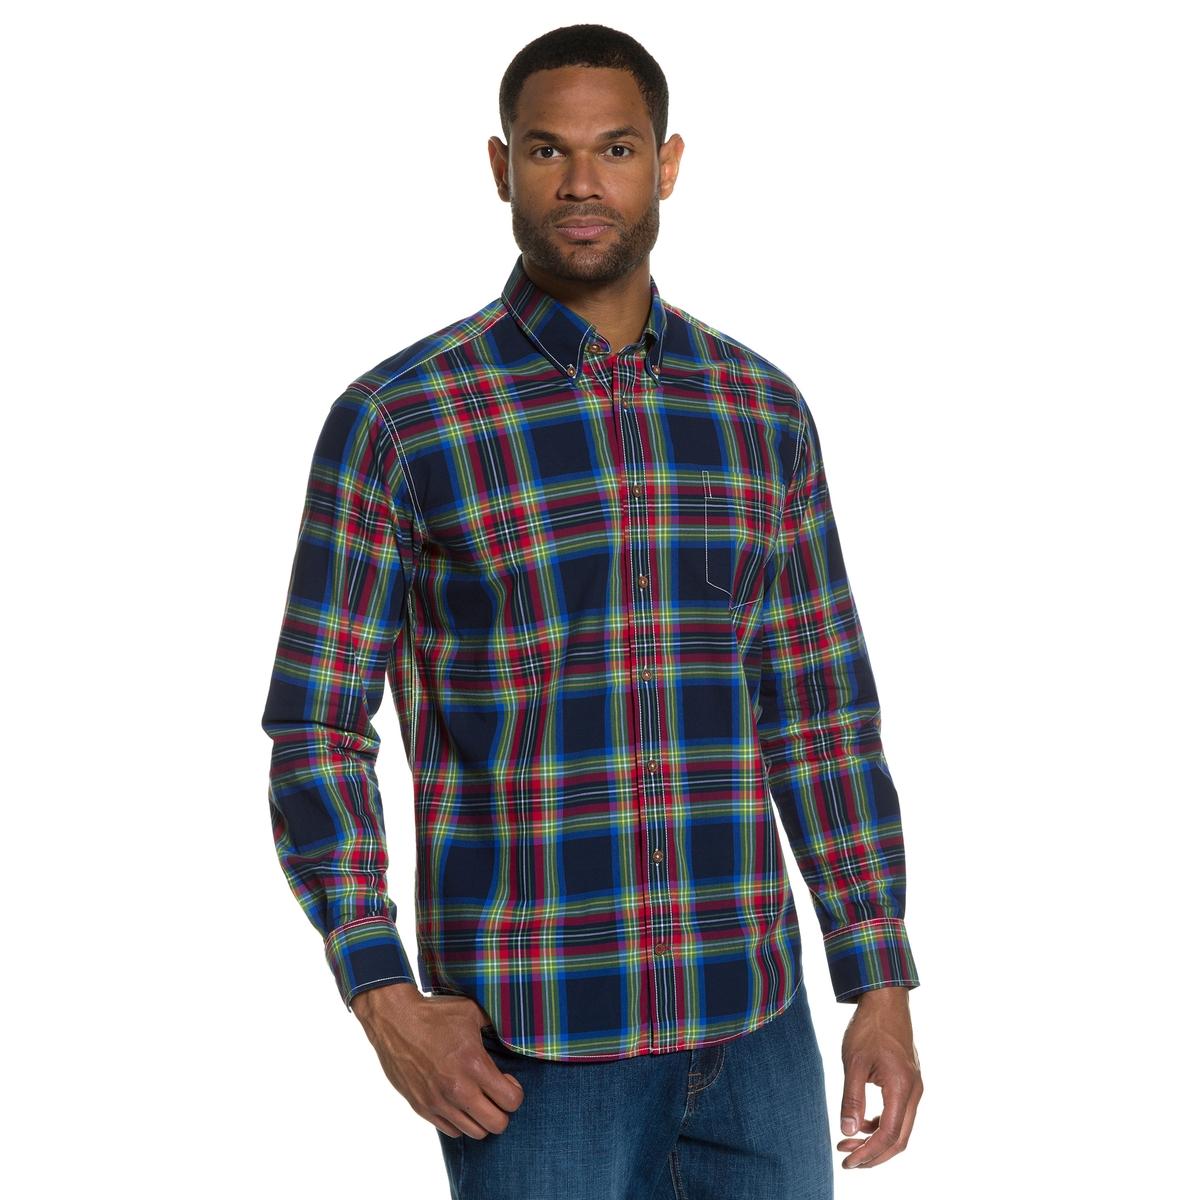 Рубашка с длинными рукавамиРубашка в клетку с цветными швами. Уголки воротника на пуговицах, нагрудный карман. Подкладка манжет из ткани шамбре . Modern fit - слегка облегающий покрой, позволяющий носить рубашку поверх брюк  . Длина в зависимости от размера ок. 78-94 см.<br><br>Цвет: в клетку<br>Размер: 3XL.XXL